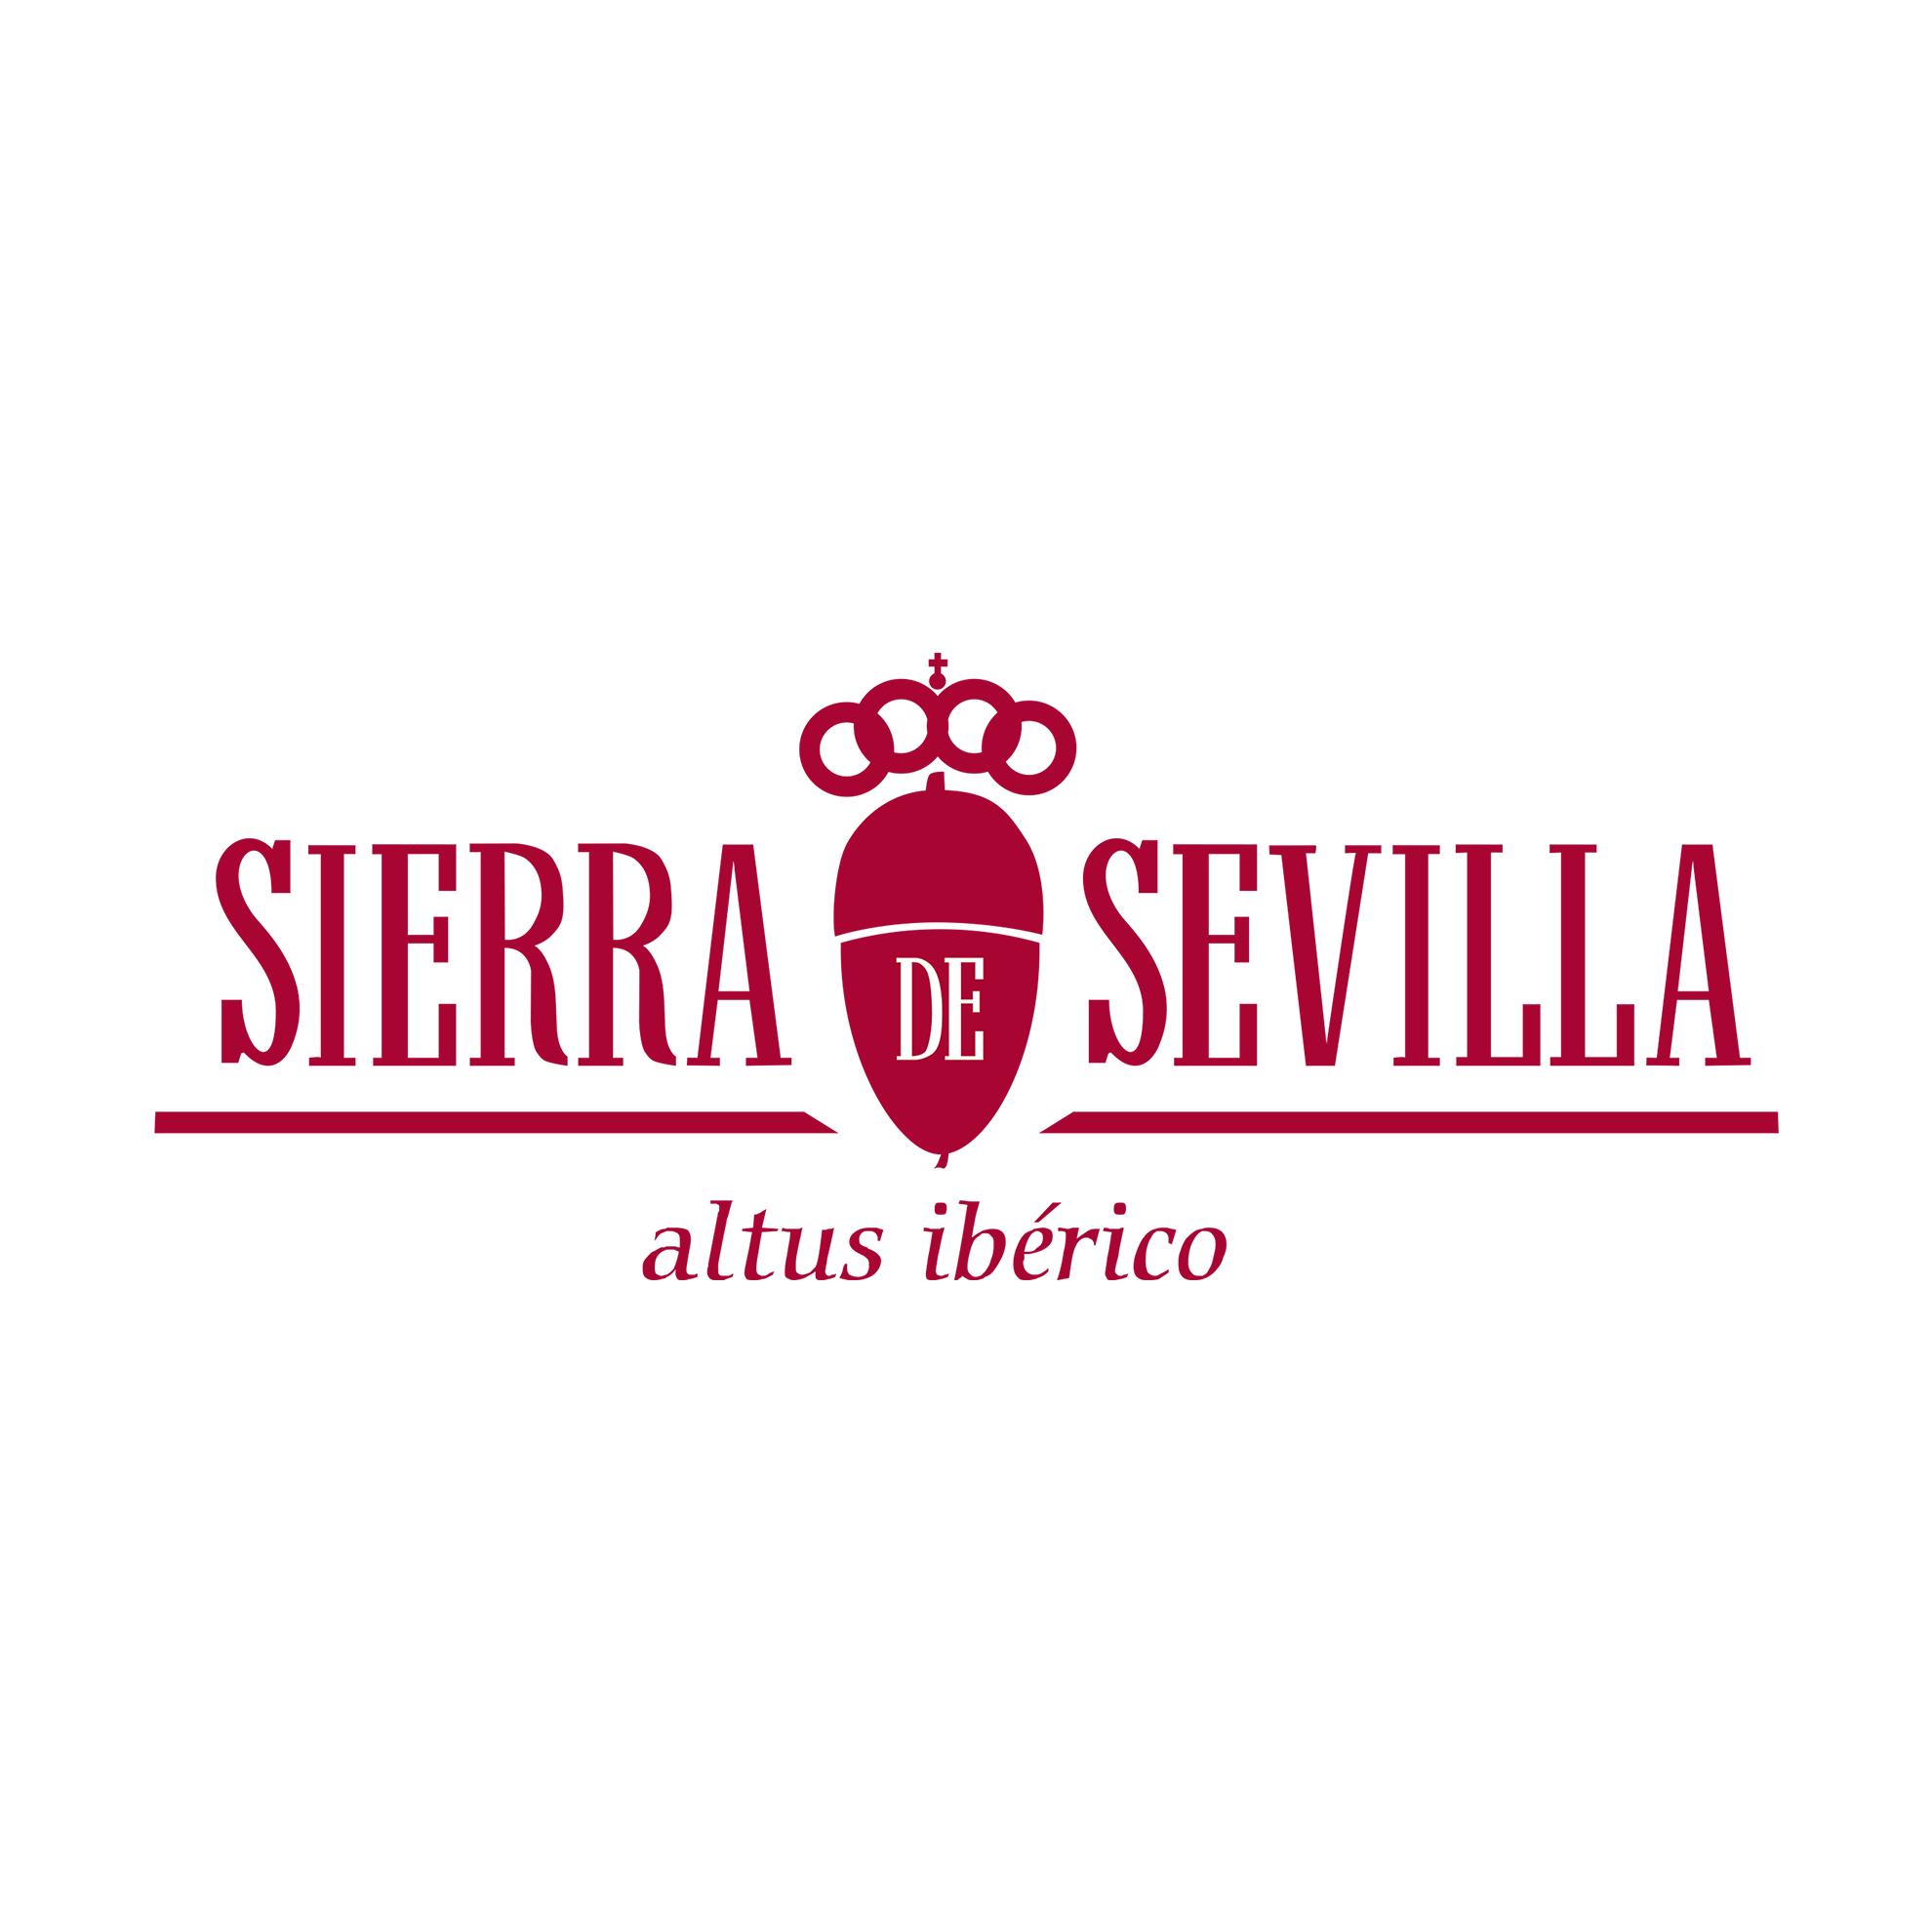 Sierra de Sevilla